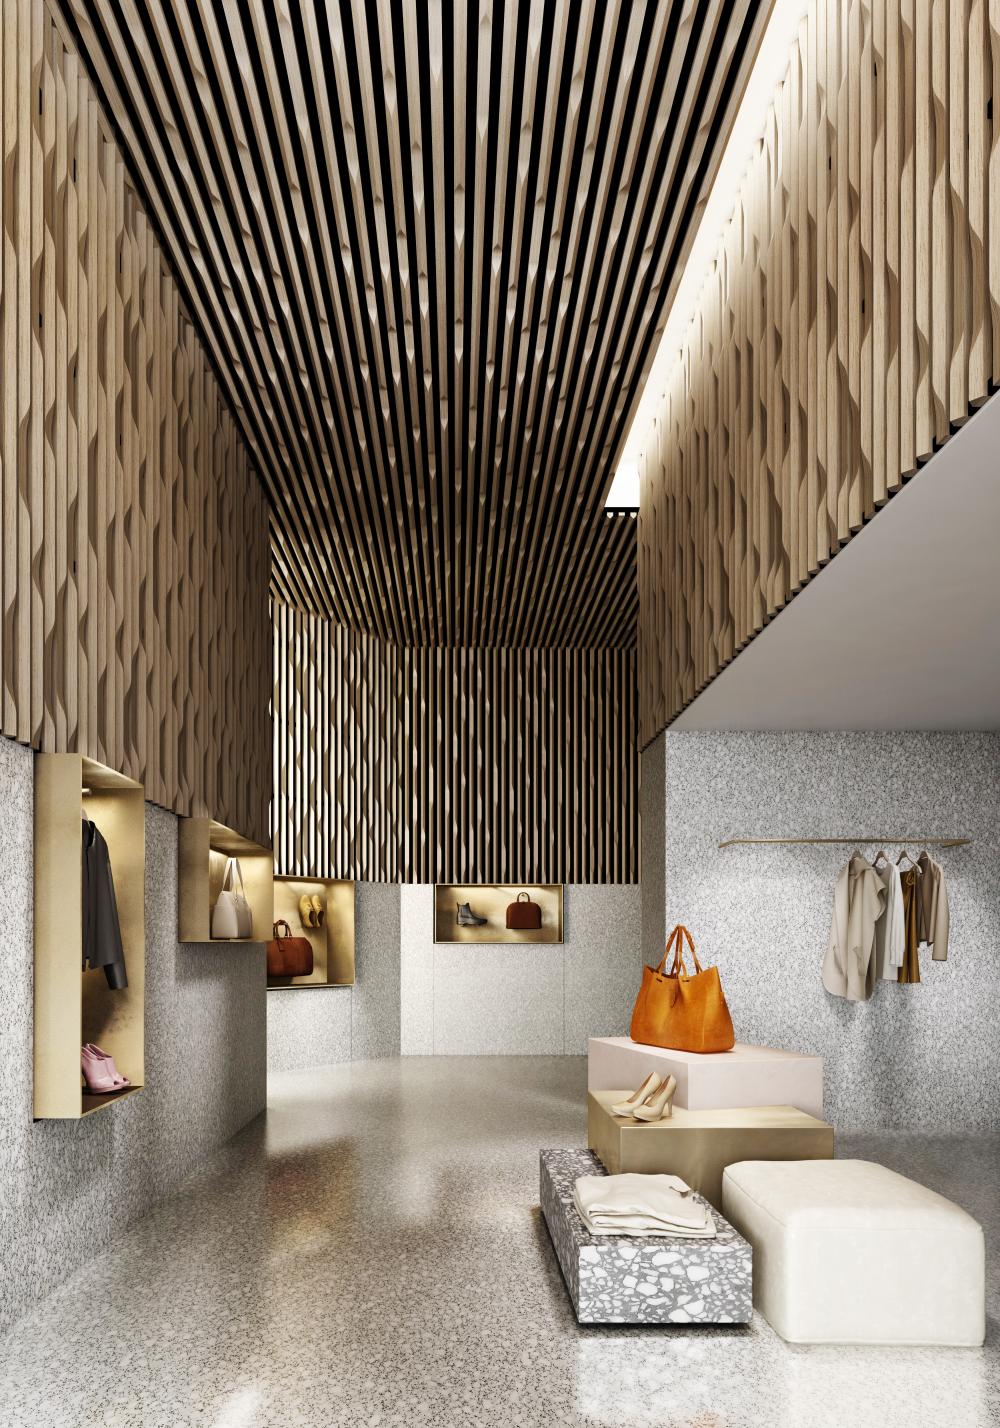 LAUDER LINEA 3D EDGE Plafond